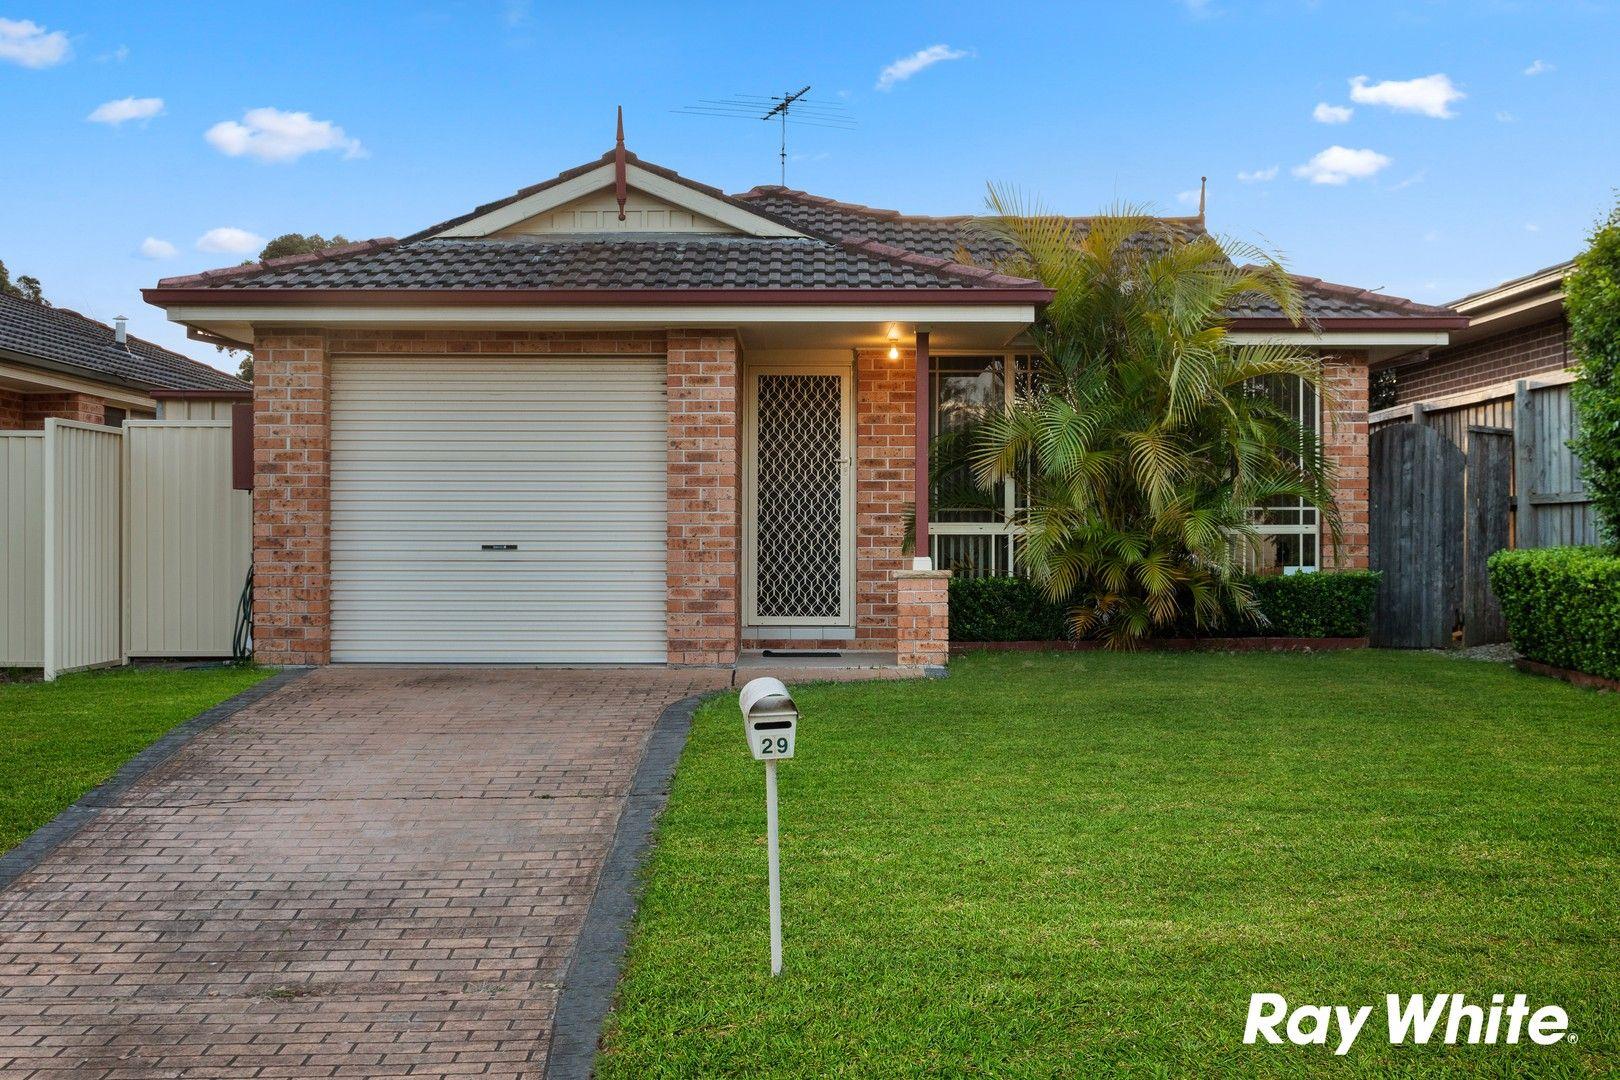 29 Corbin Avenue, Quakers Hill NSW 2763, Image 0